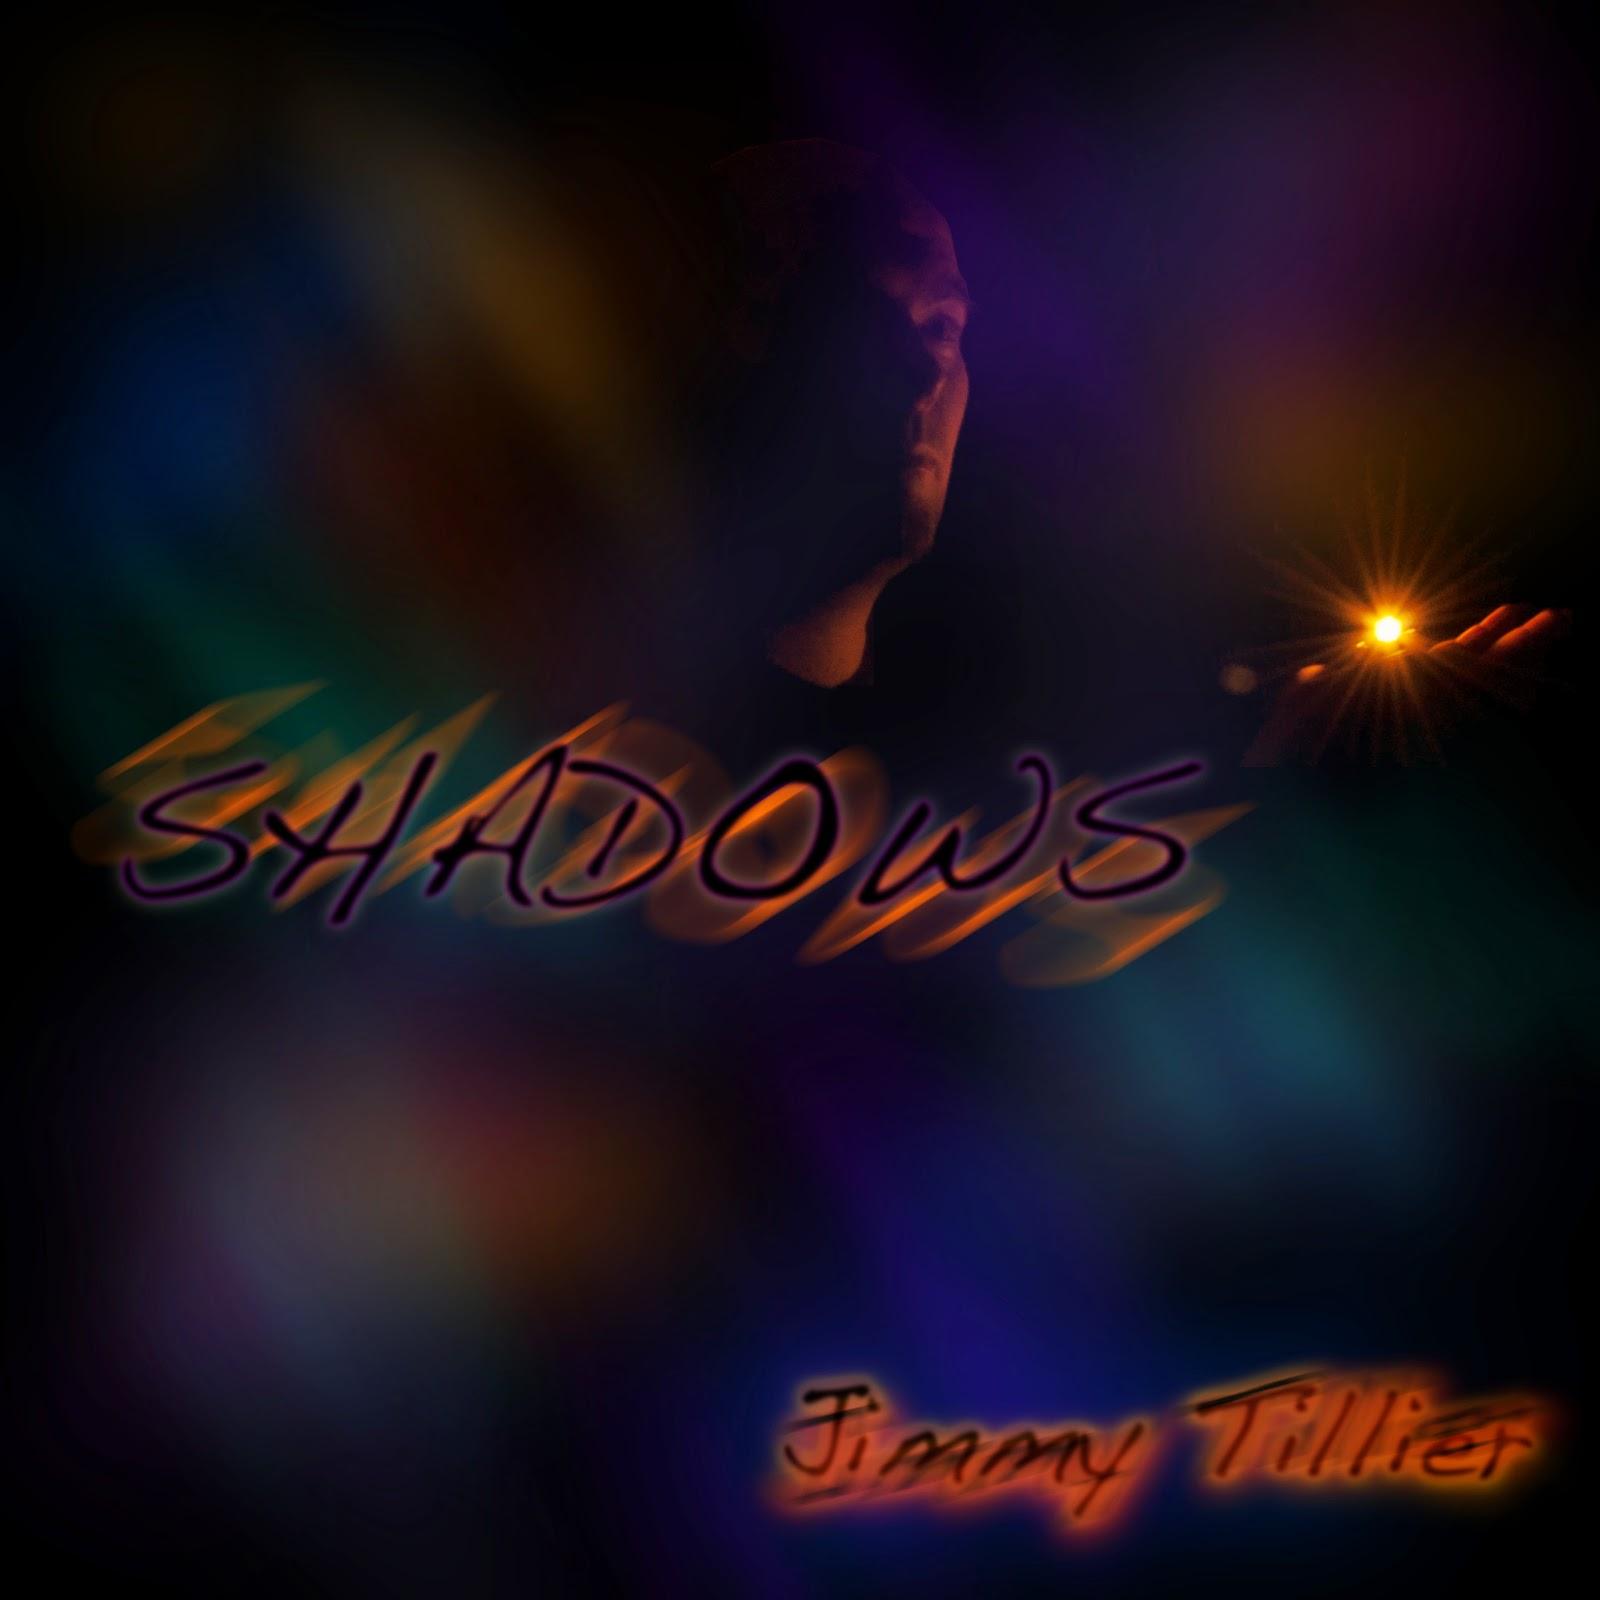 """[Musique] """"Shadows"""" de Jimmy Tillier Pochette"""